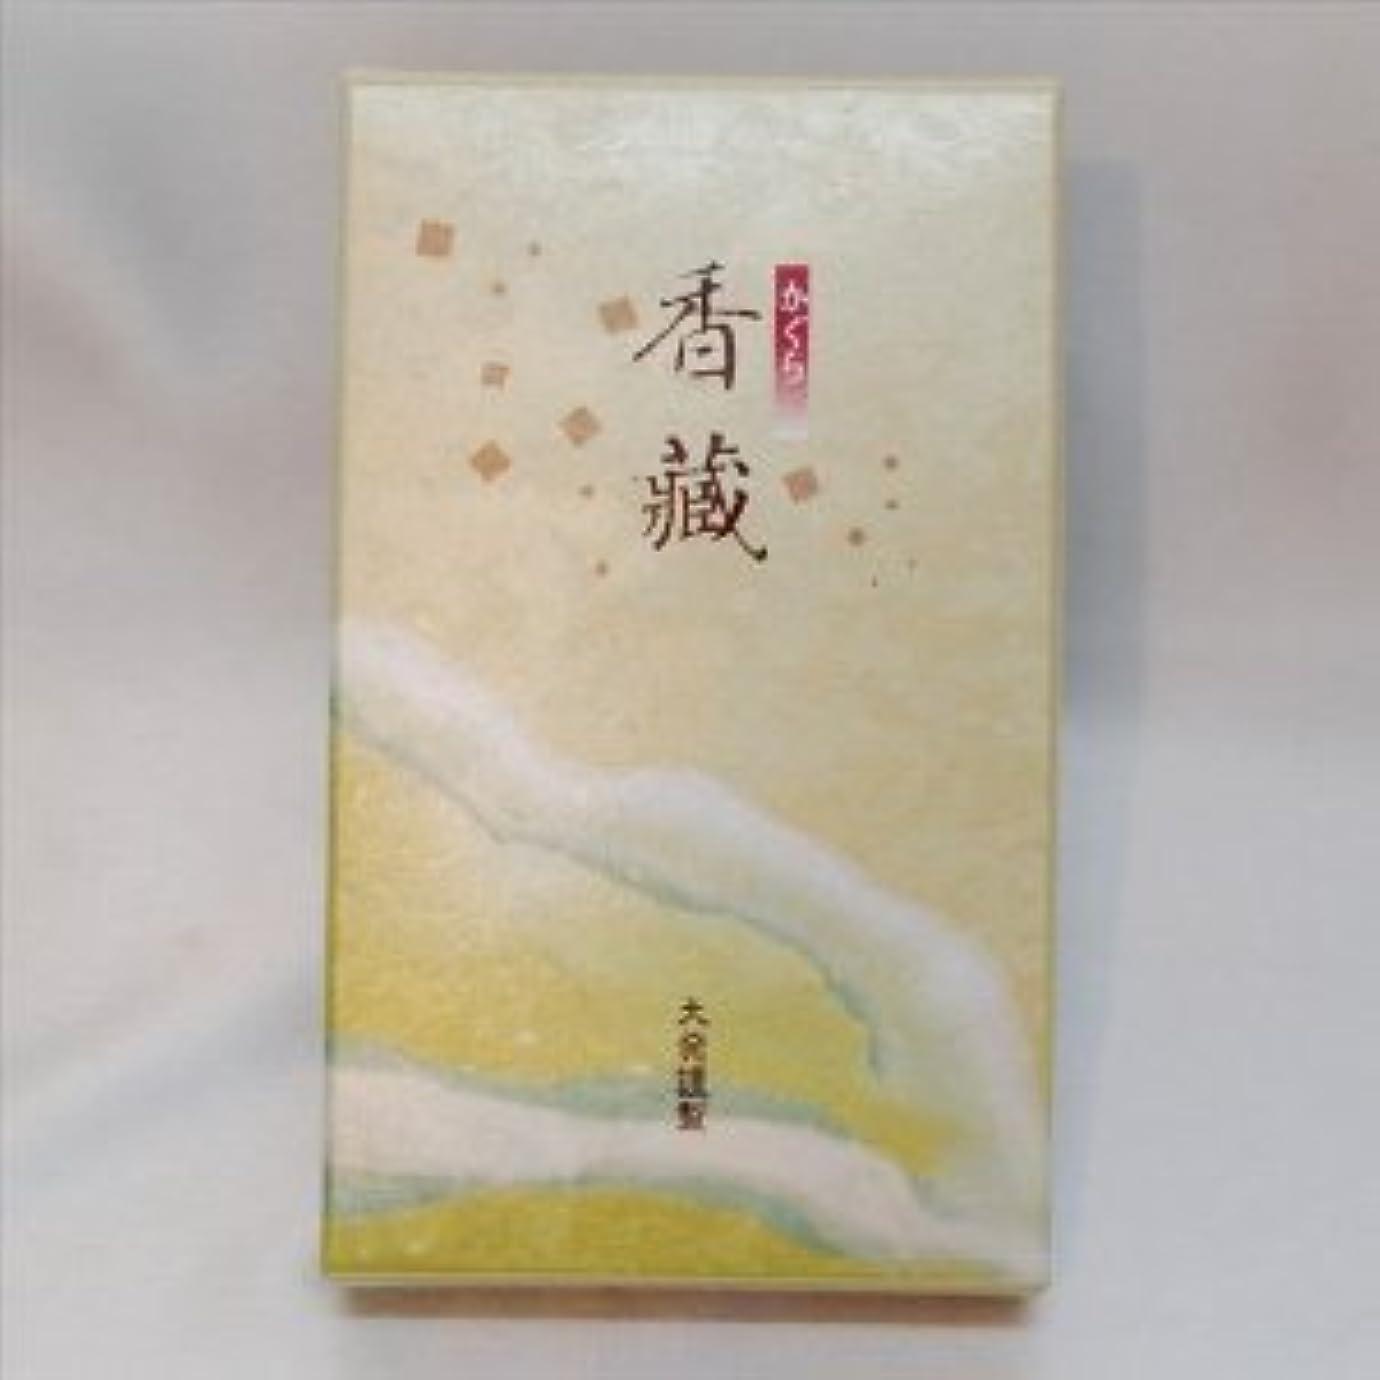 ポーンするくびれた大発 香蔵 バラ詰 W-1 (1)